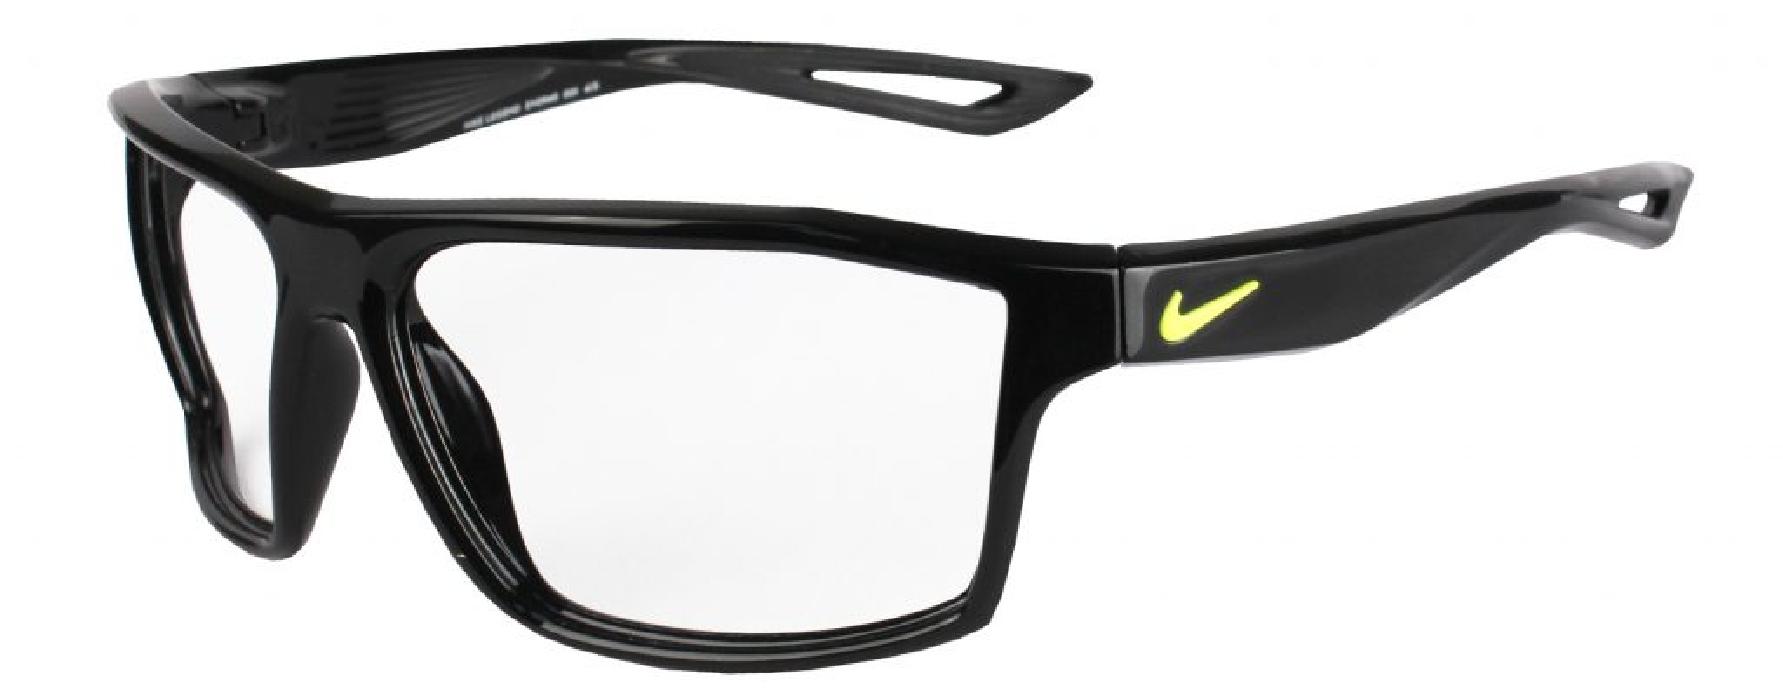 An image of Nike Legend Black - Volt